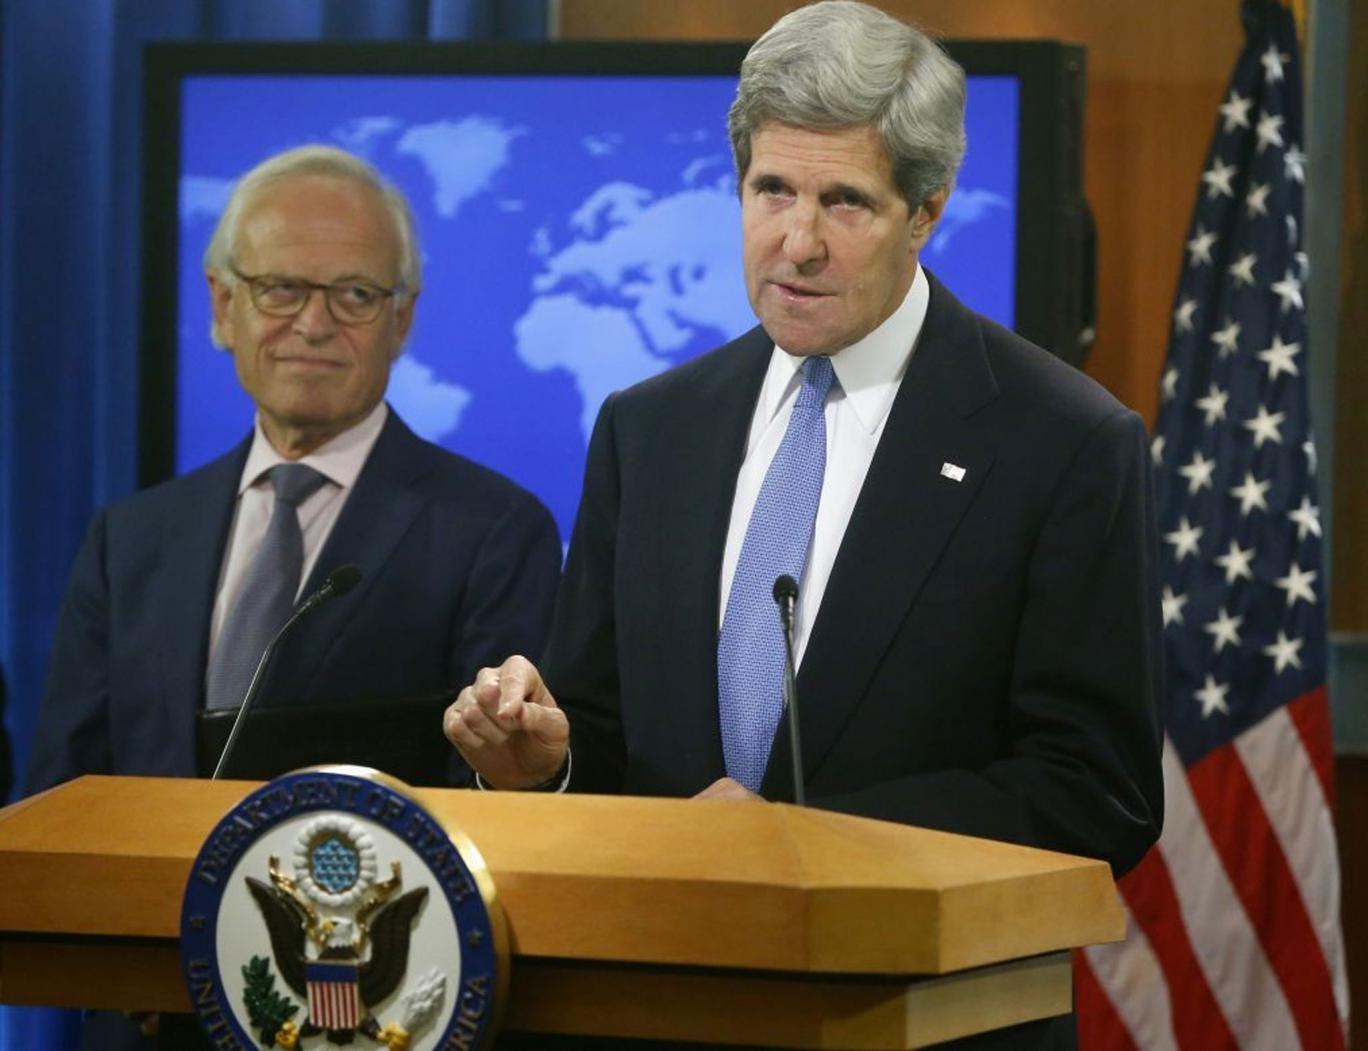 John Kerry will mediate in Israeli-Palestinian peace talks